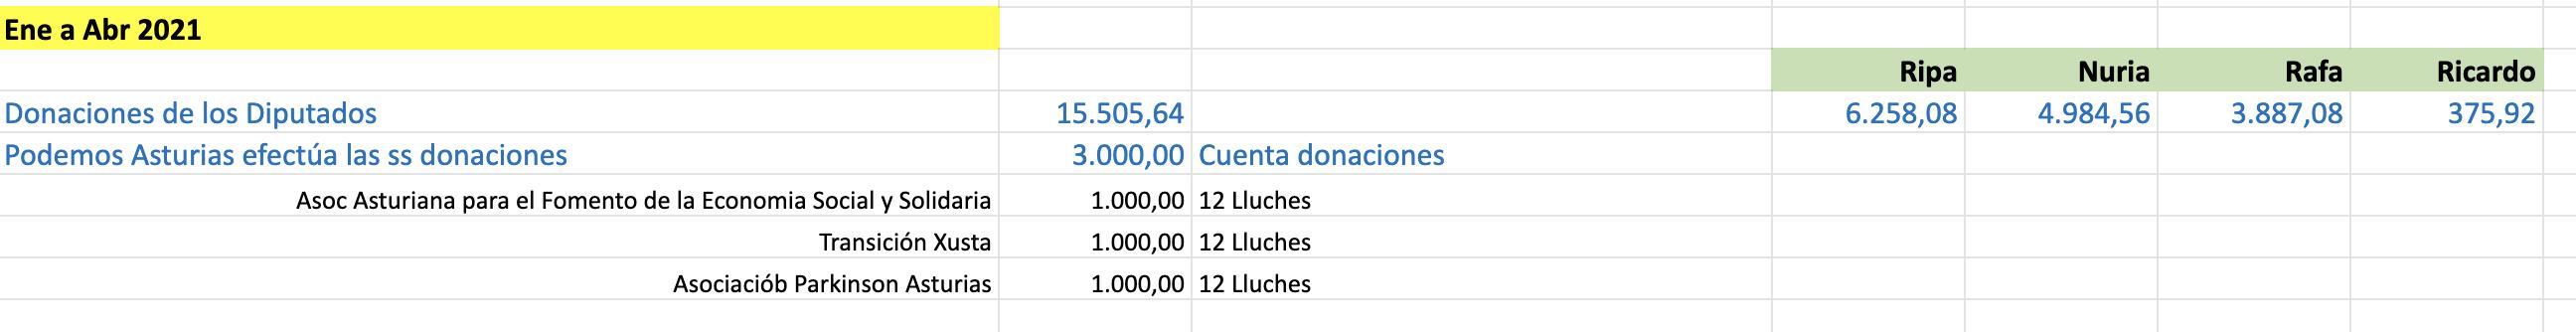 Donaciones abril 2021